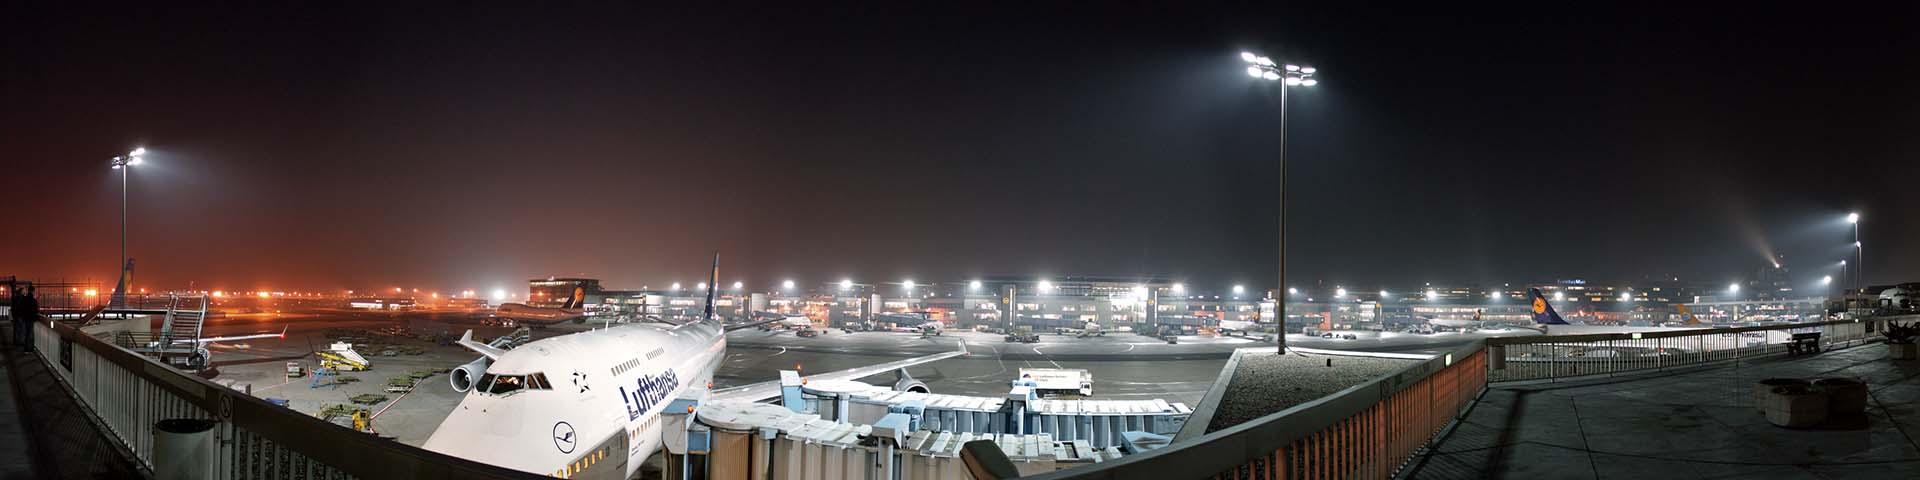 Besucherterrasse Flughafen Frankfurt360de